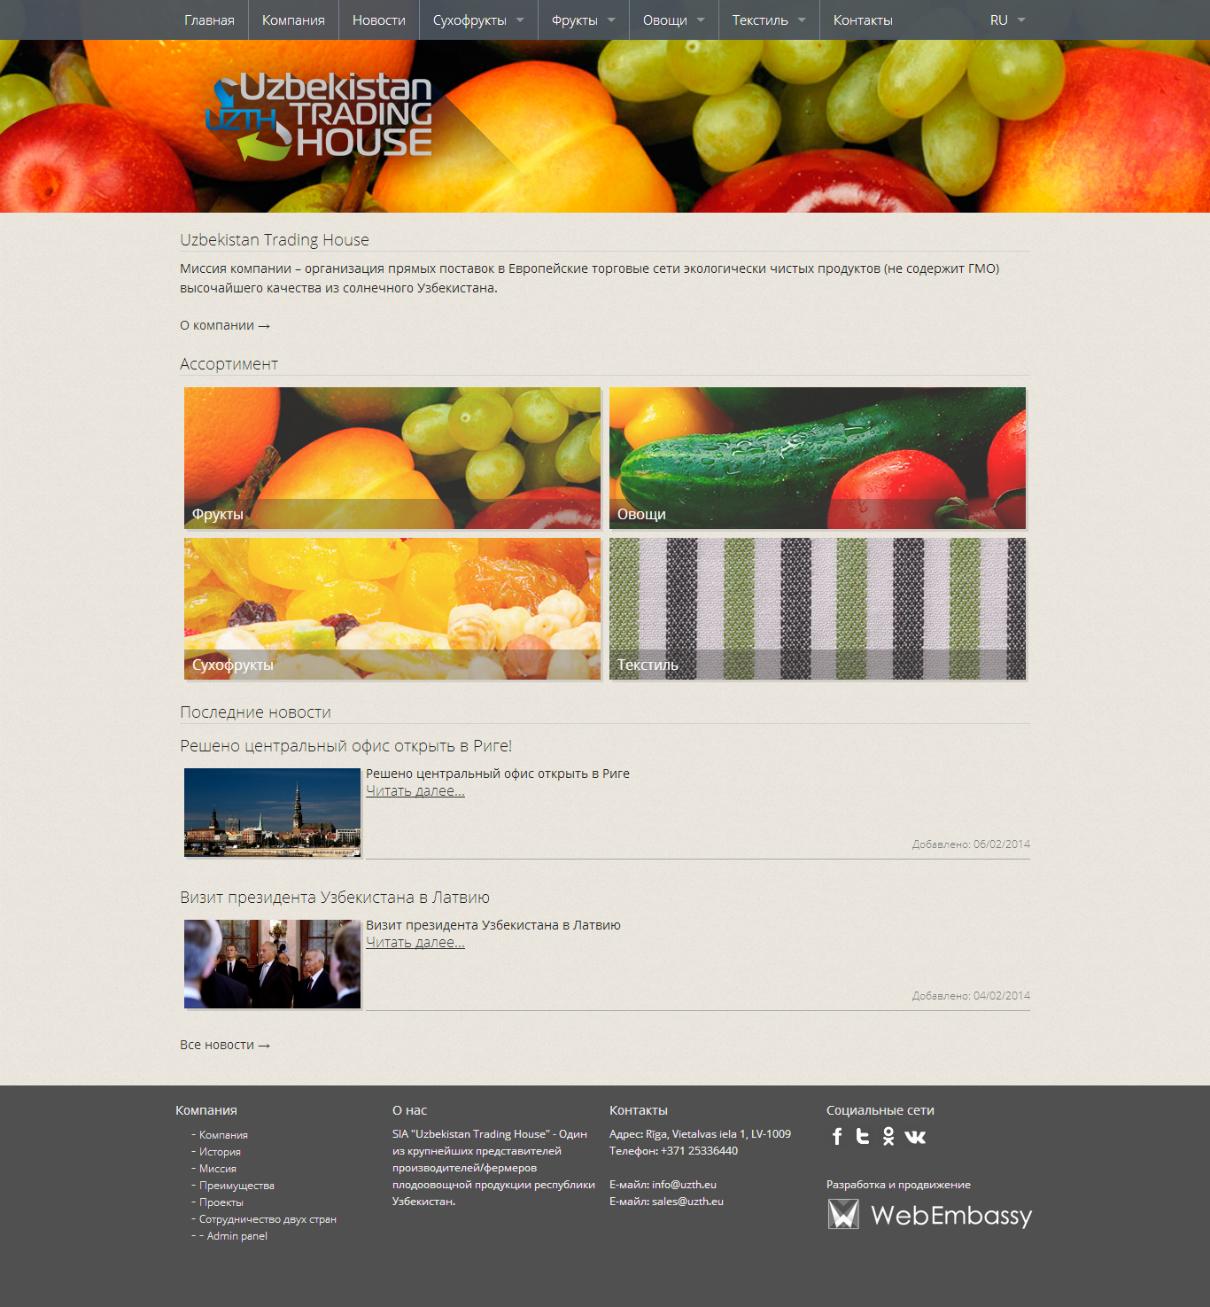 Разработан веб-сайт государственной компании Узбекистана - Uzbekistan Trading House. Адаптация к мобильнымустройствам